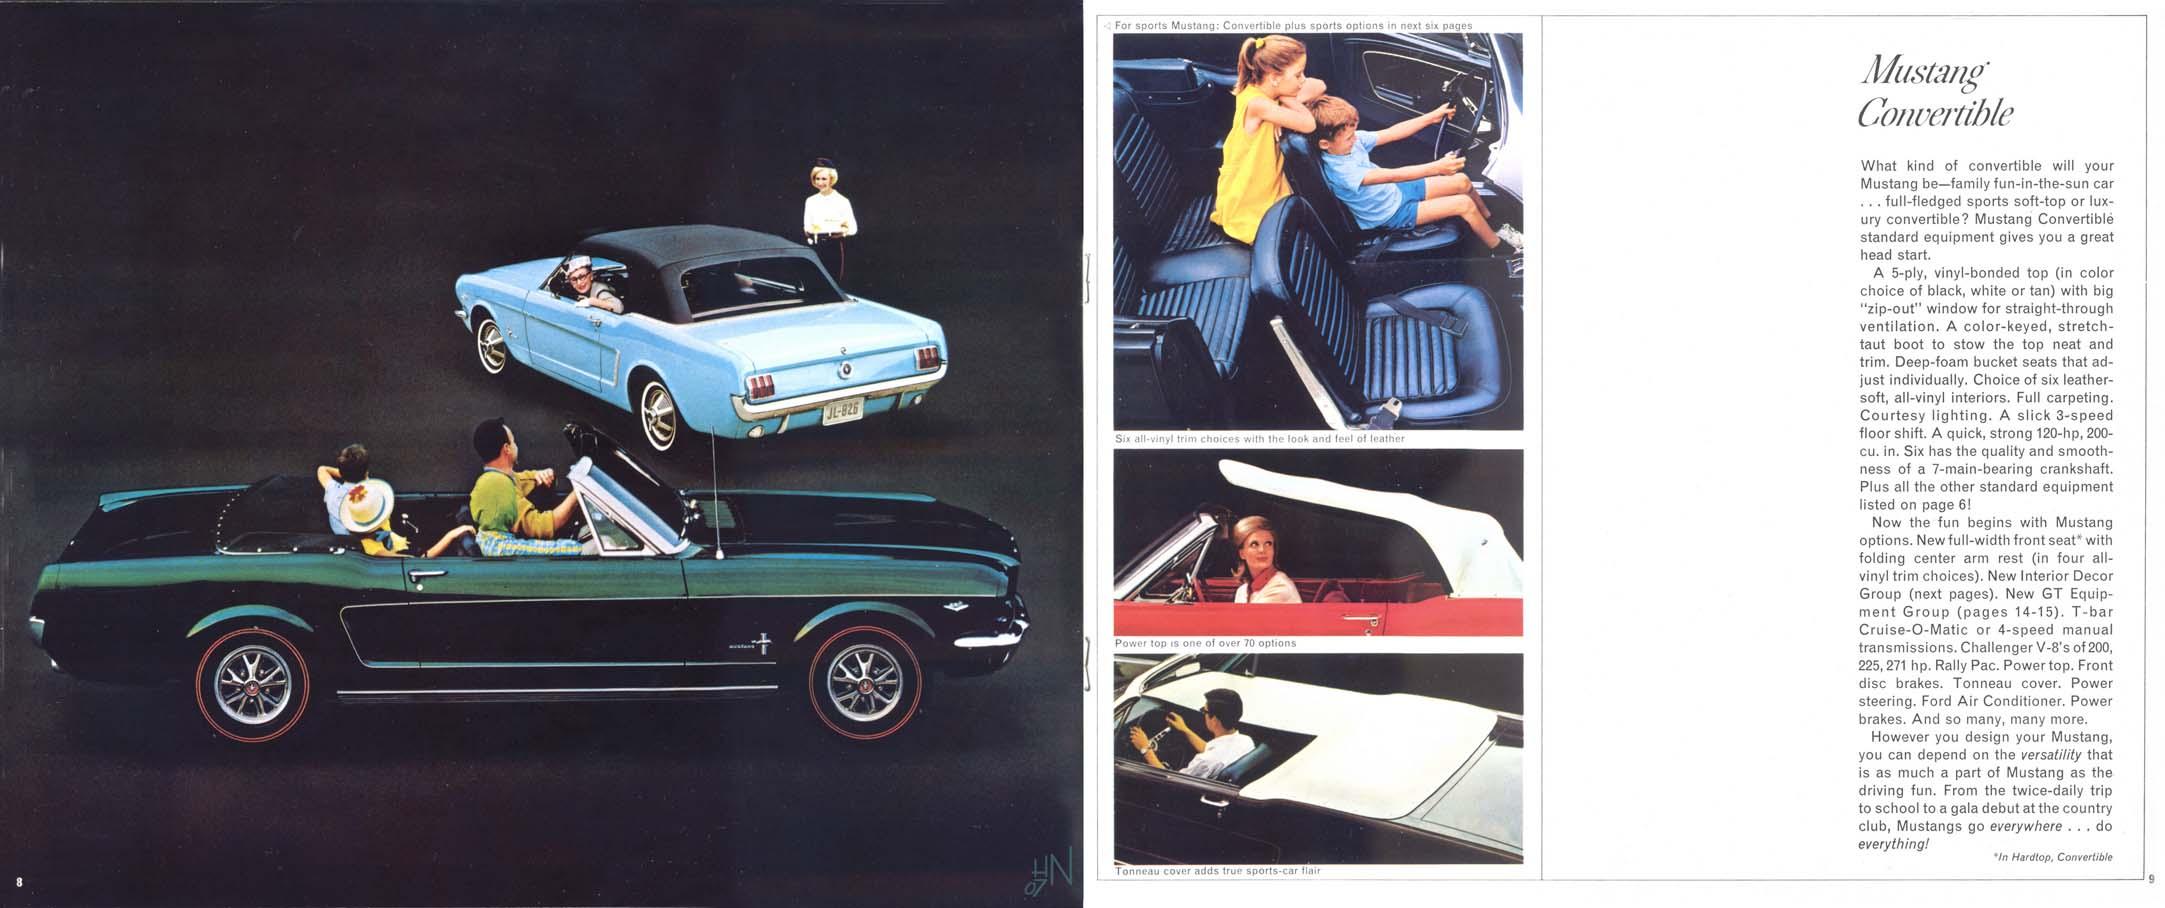 1965 Mustang Prospekt Seite 8-9